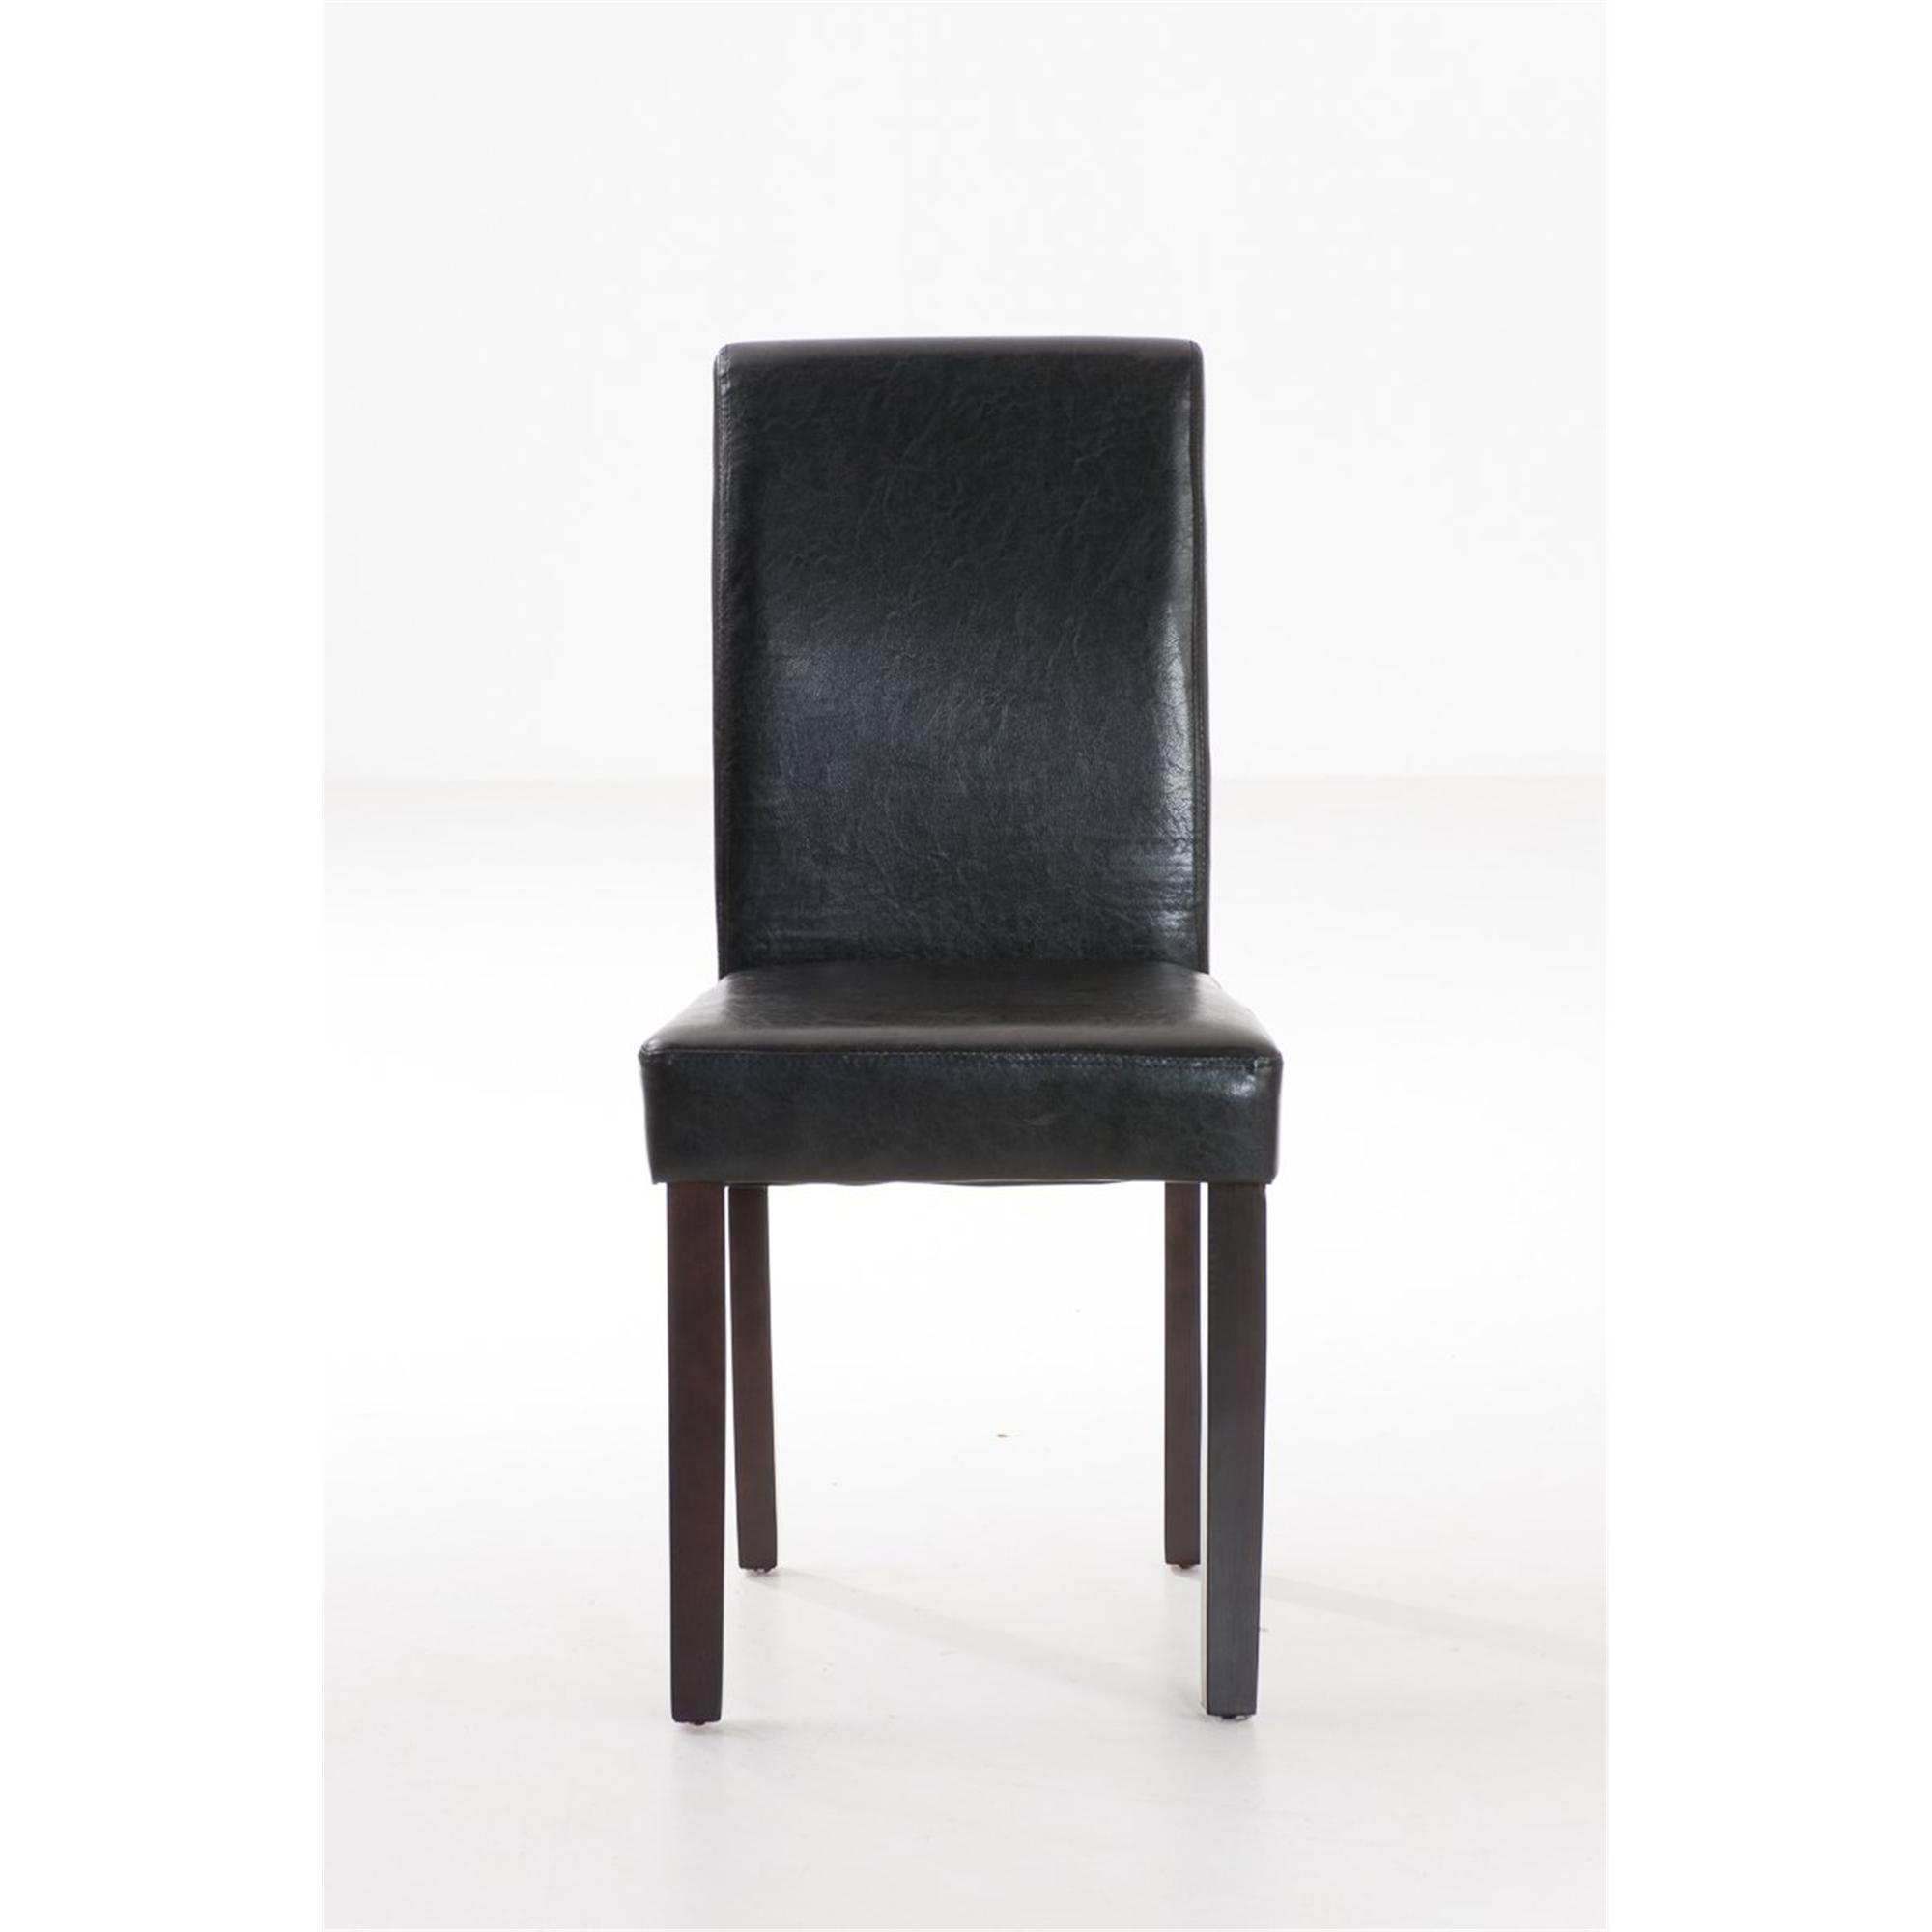 Lote de 6 sillas de comedor capri muy c modas y robustas for Sillas comedor cuero marron